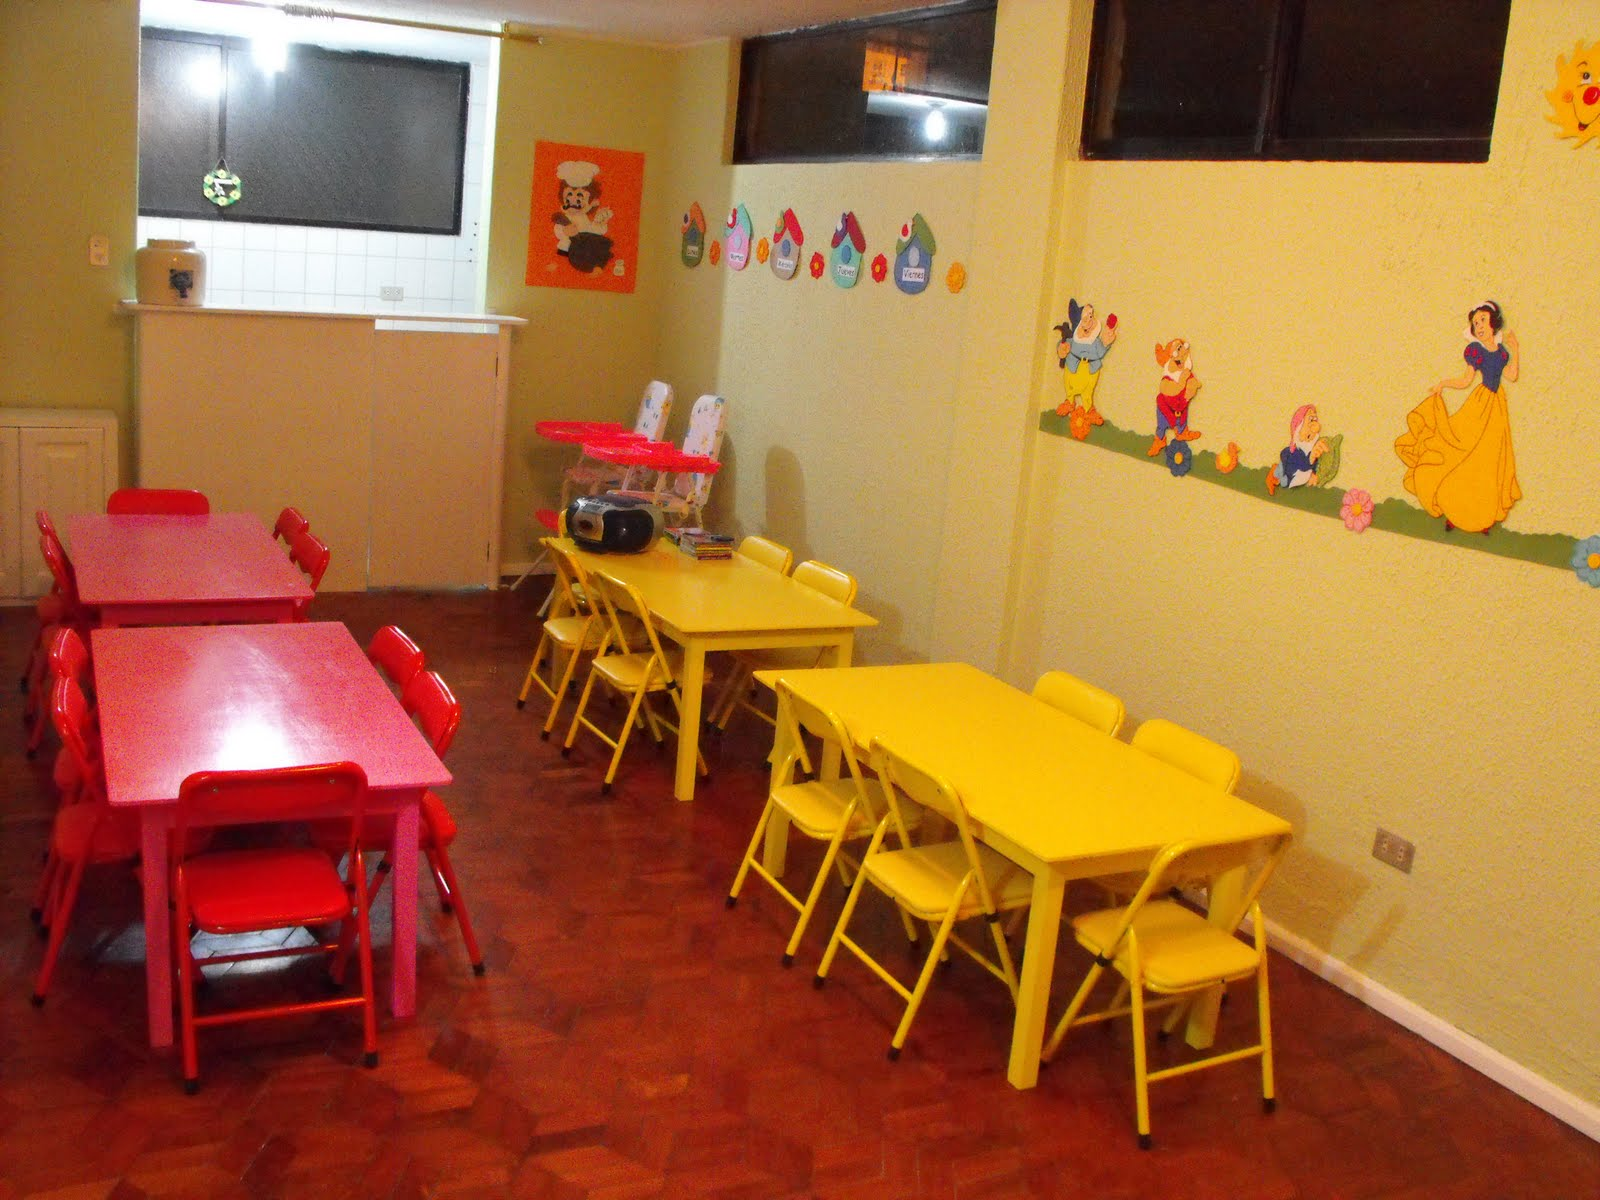 Centro De Educaci N Inicial Small Ville Educaci N Inicial Con  # Muebles Educativos